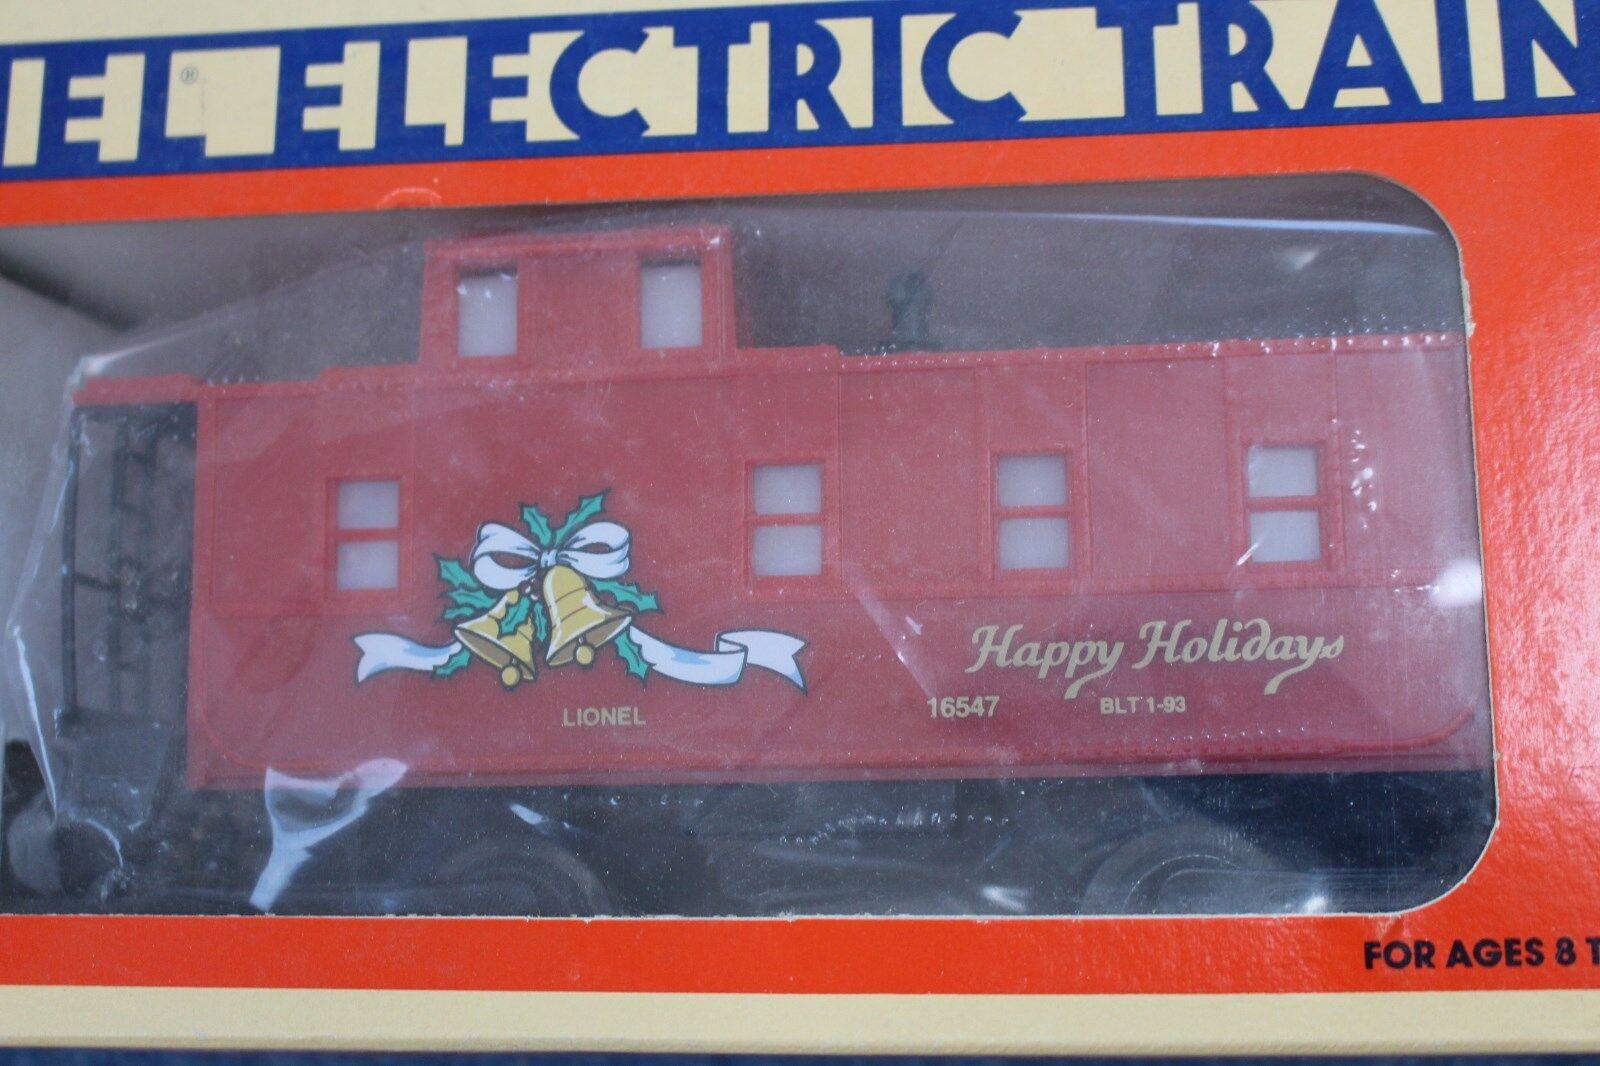 1993 Lionel Lionel Lionel 6-16547 Christmas Square Window Caboose L2675 334d54